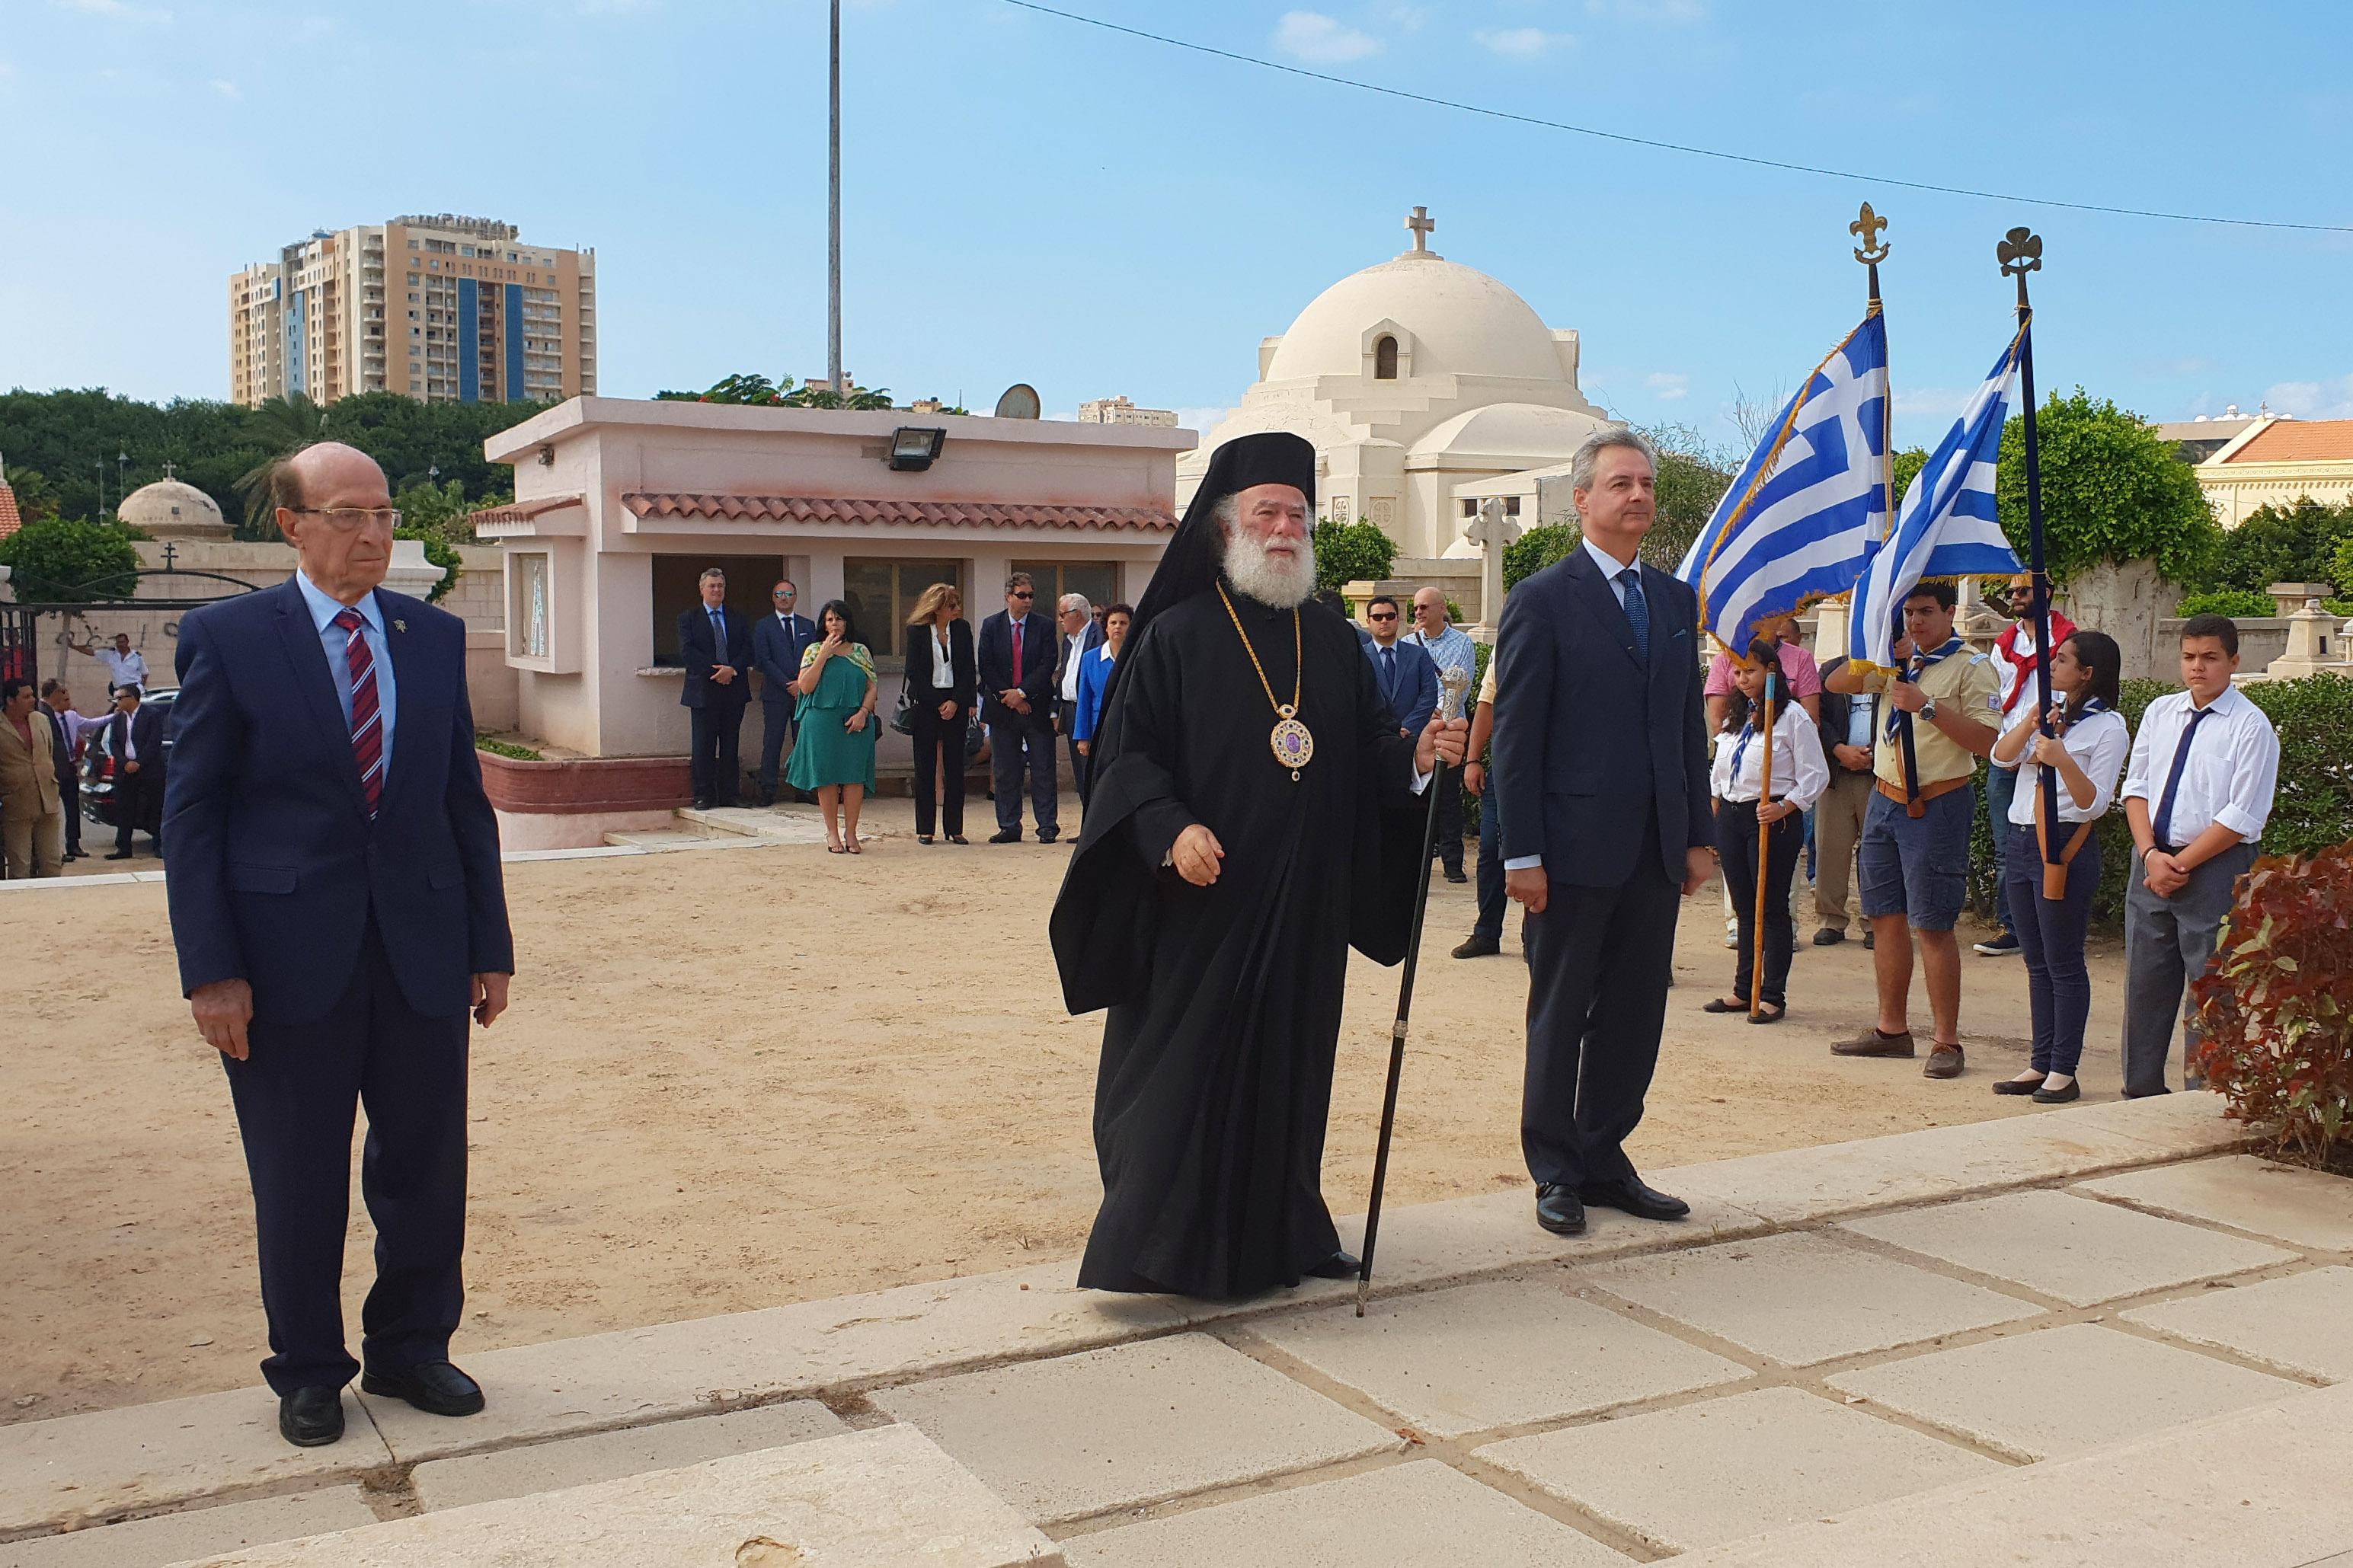 patriarchis-alexandreias-kai-pasis-afrikis-den-kleinoyme-tis-ekklisies-alla-tis-anoigoyme3